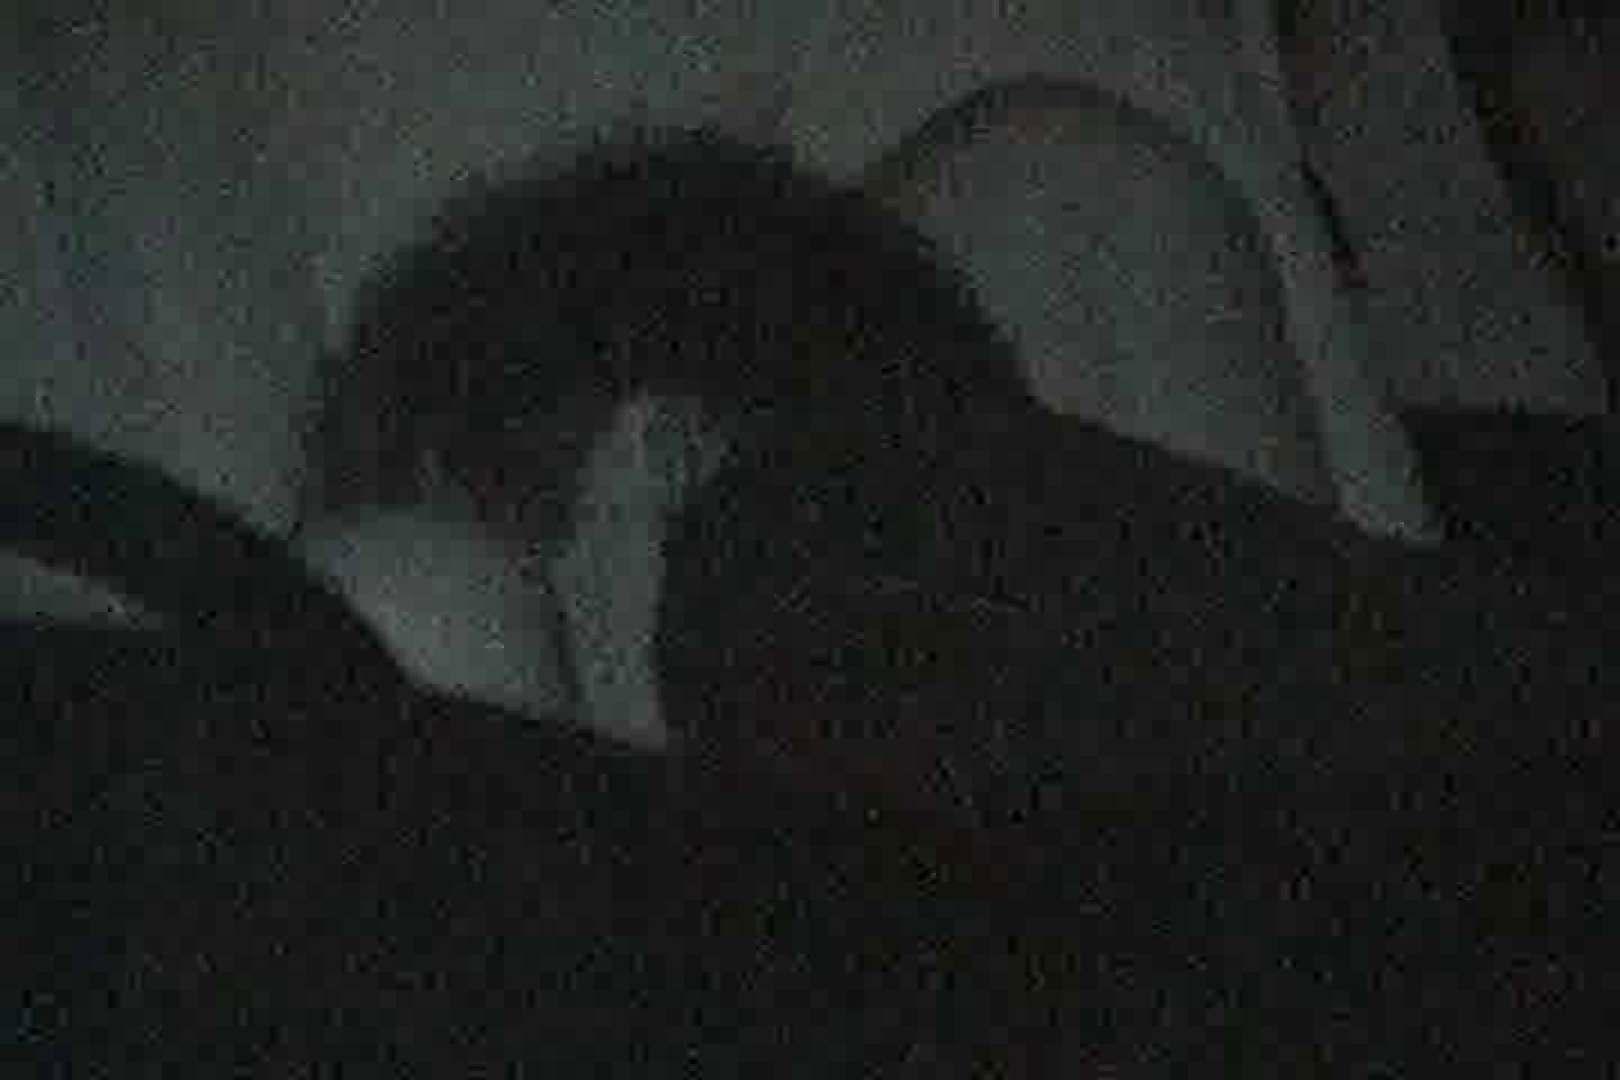 充血監督の深夜の運動会Vol.2 OLセックス | 素人エロ投稿  69画像 1